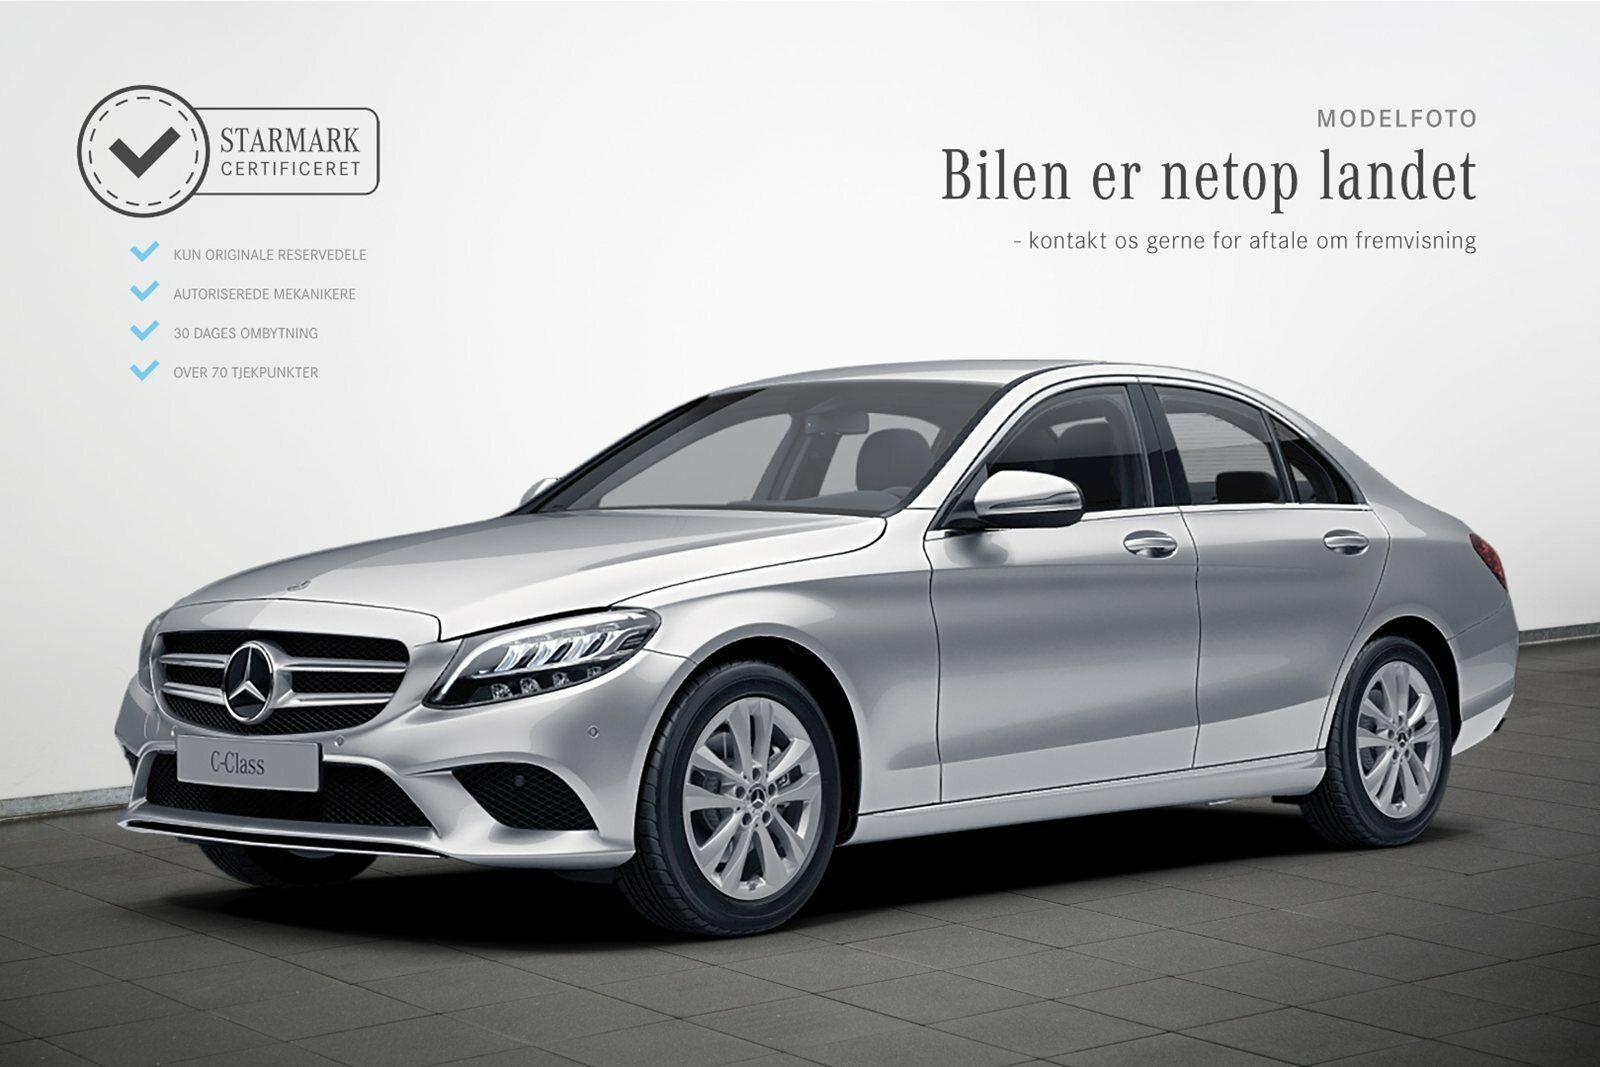 Mercedes C220 d 2,0 Avantgarde aut. 4d - 429.900 kr.